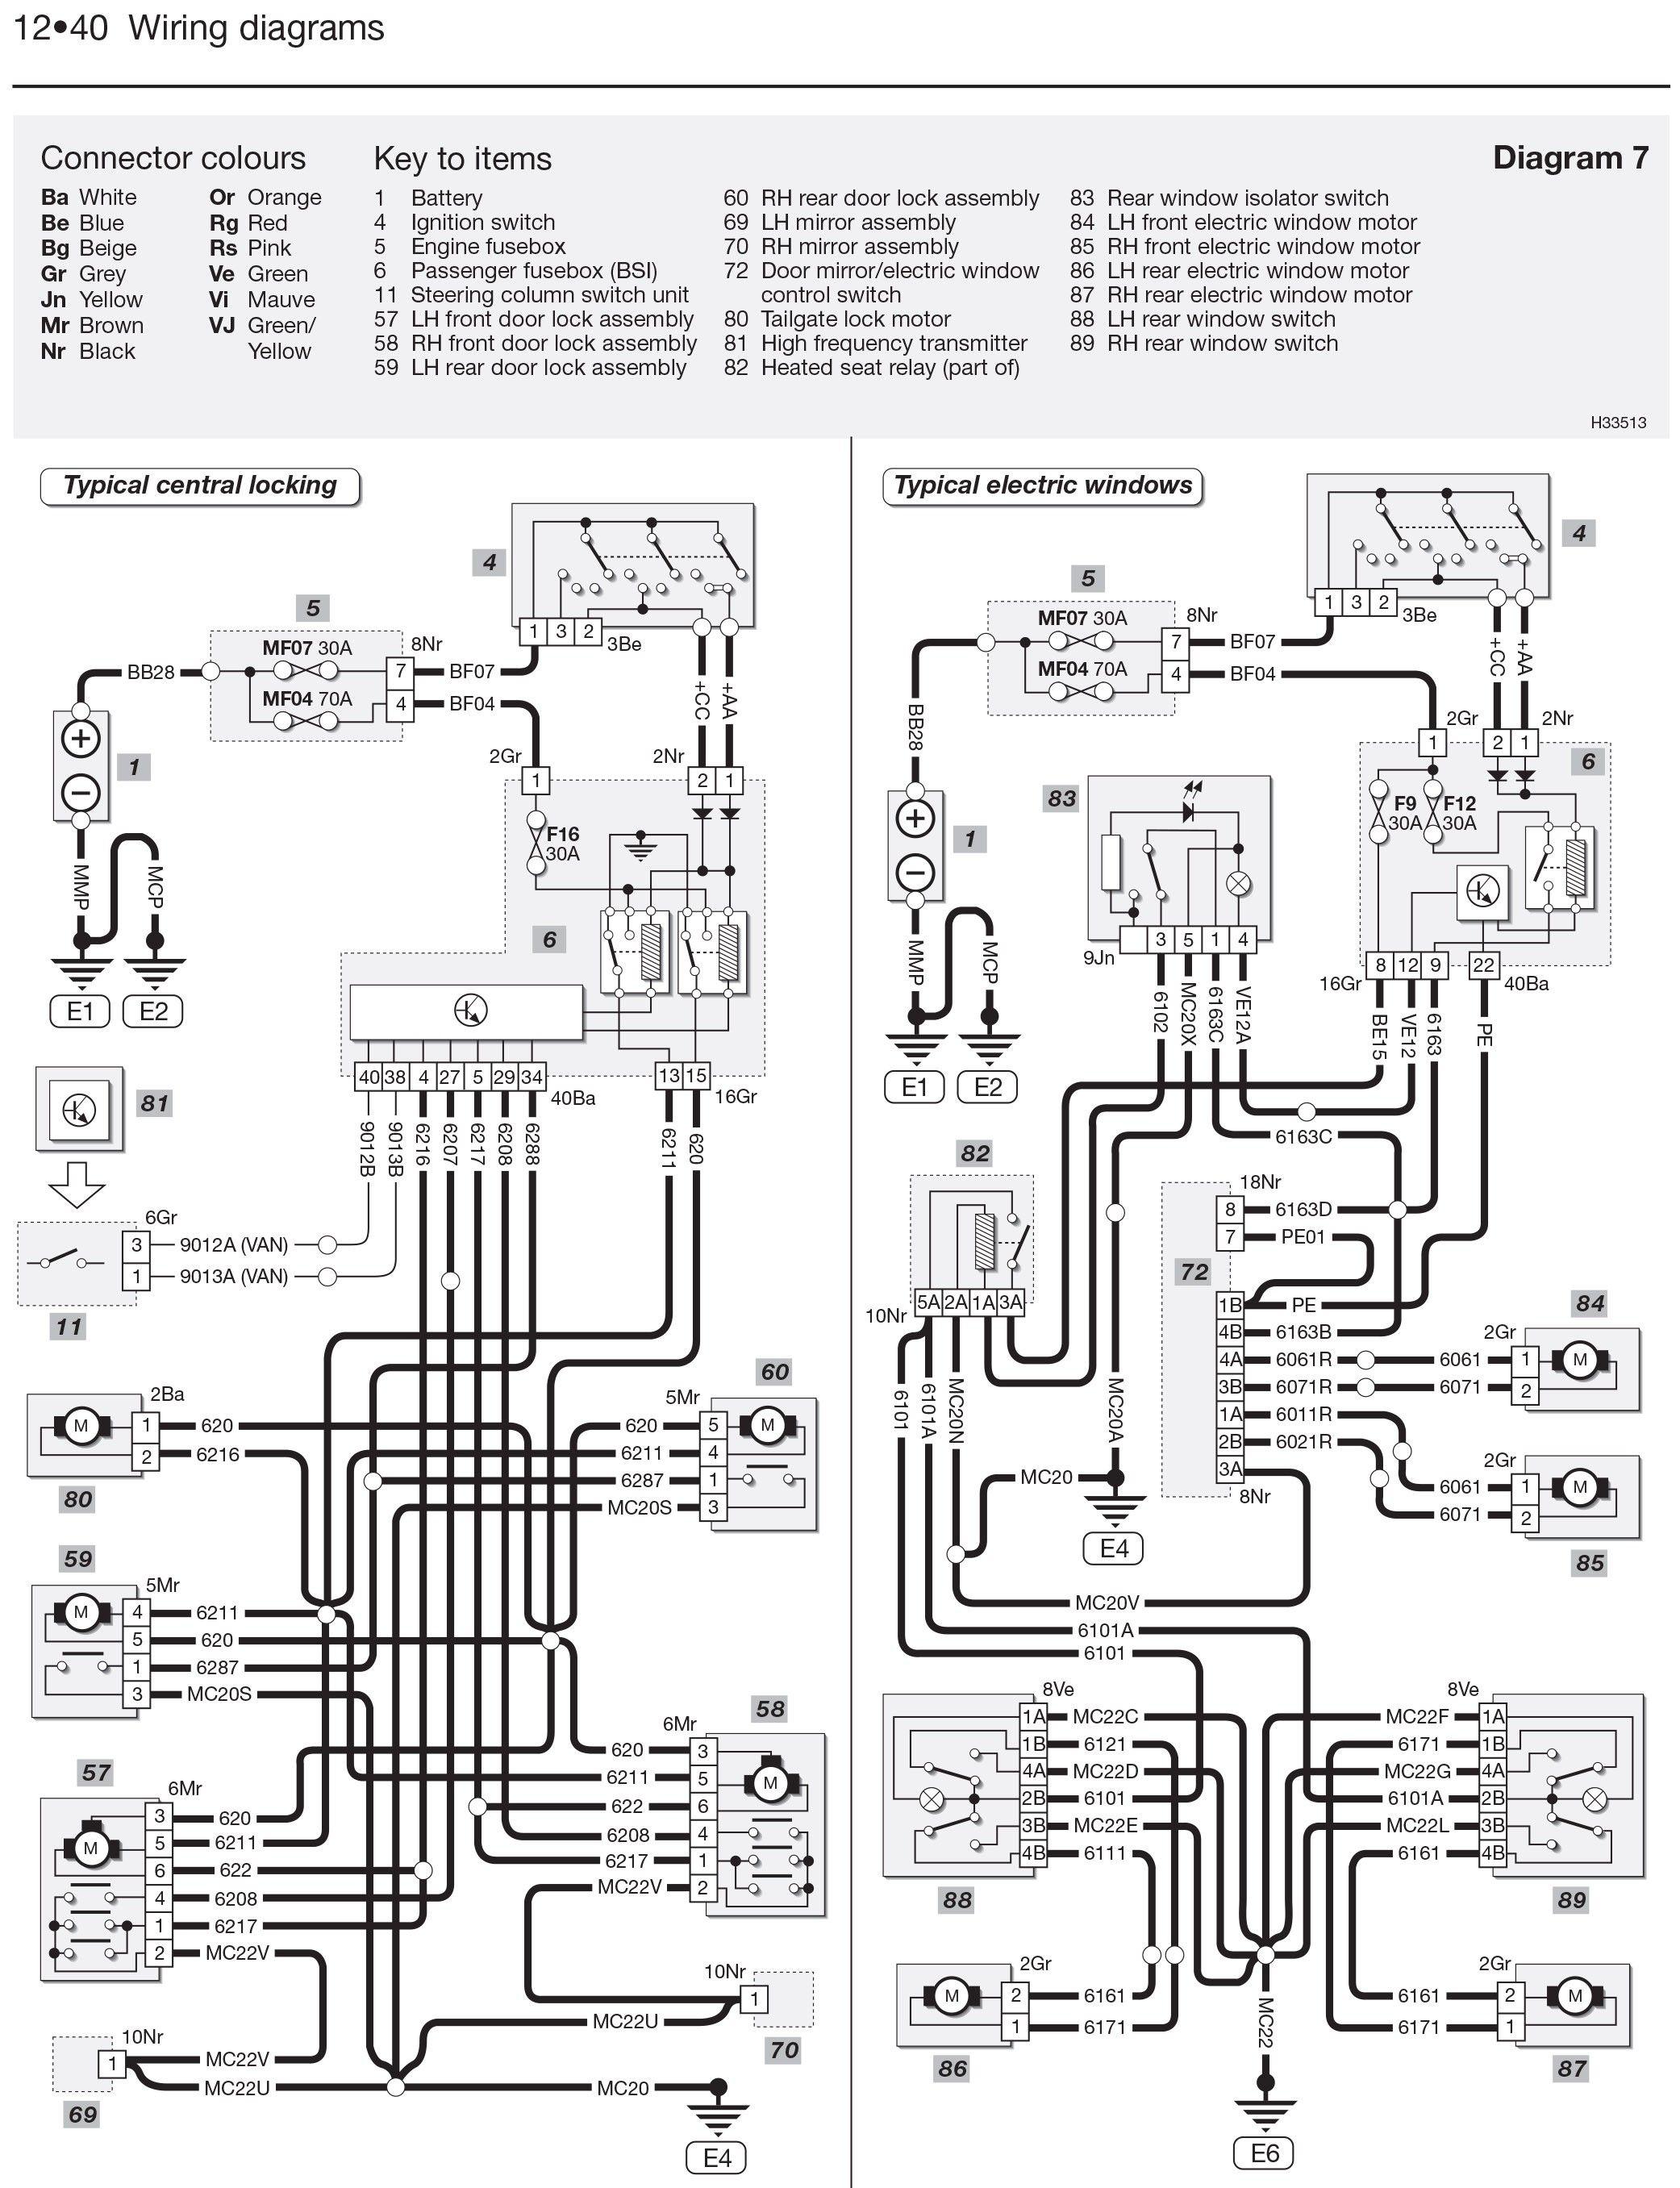 Peugeot 206 Engine Diagram In 2021 Diagram Vauxhall Insignia Peugeot